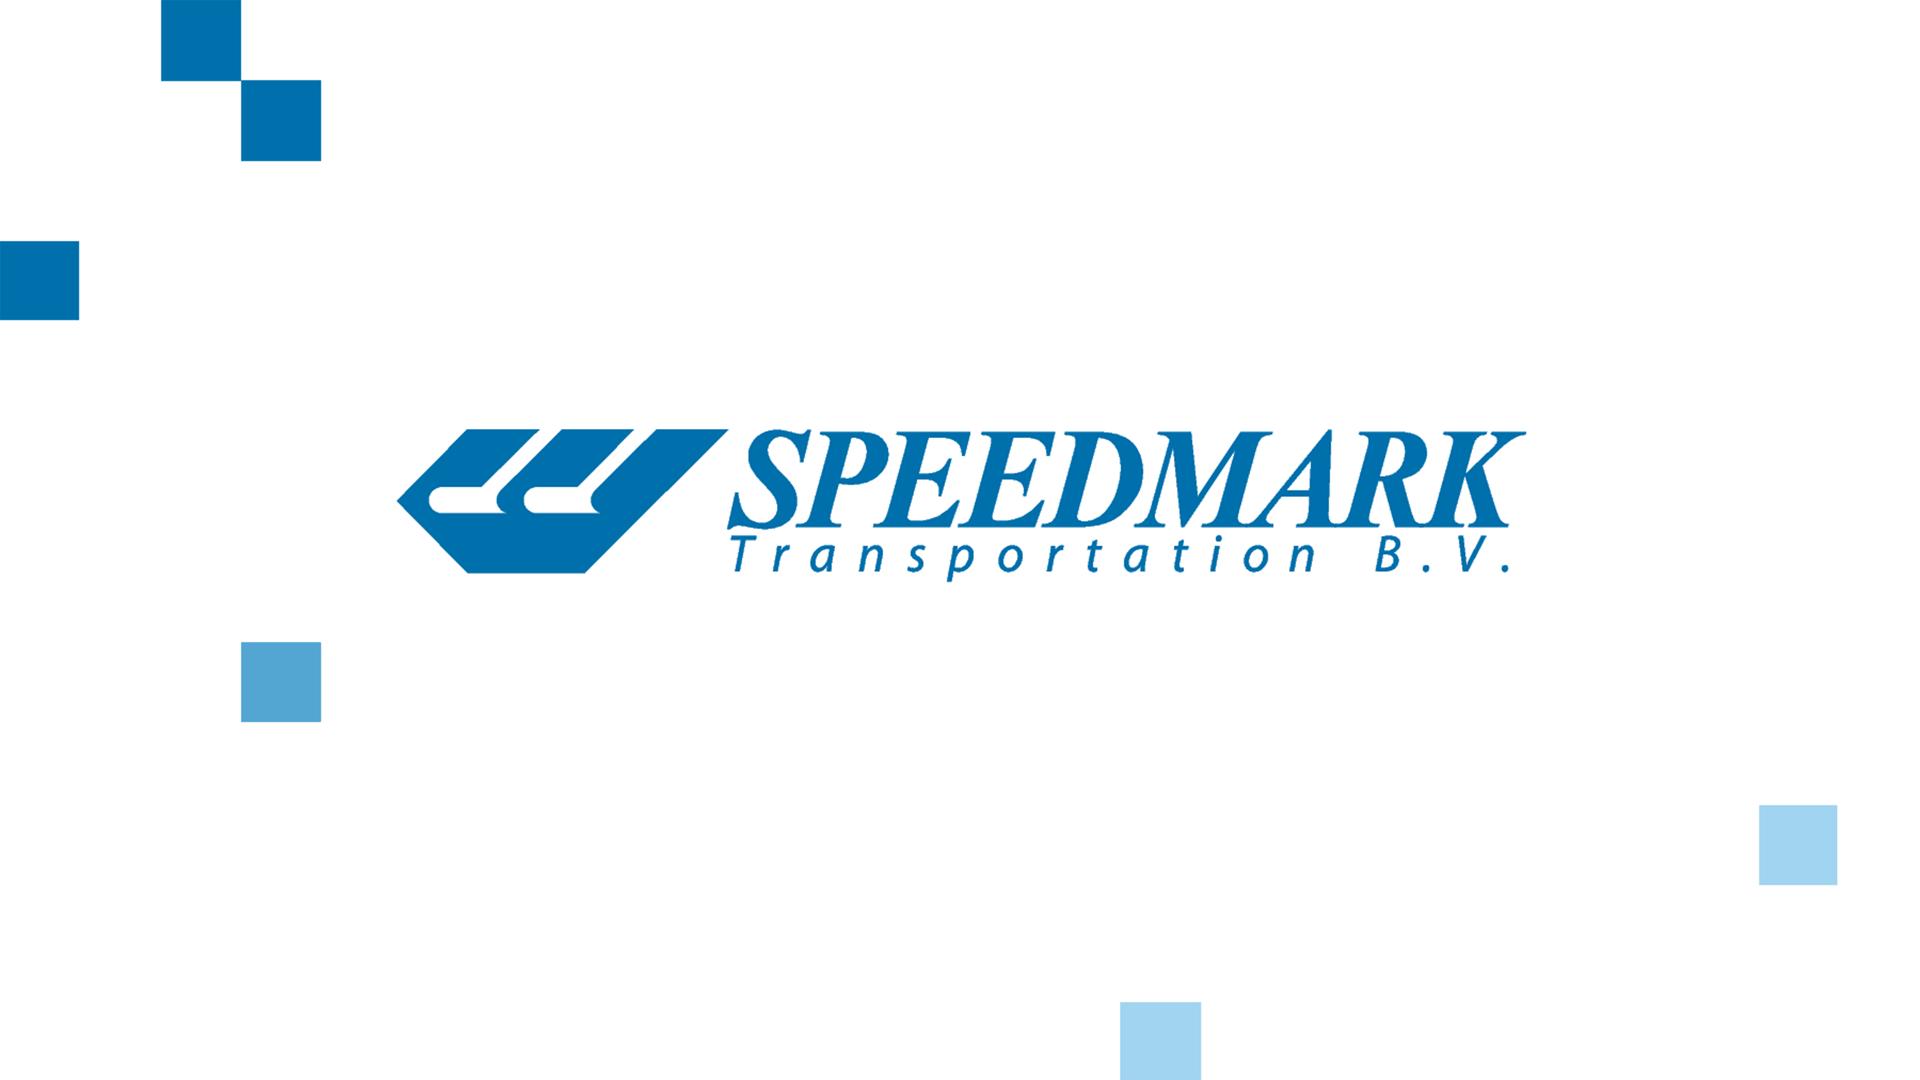 Speedmark Transportation logo